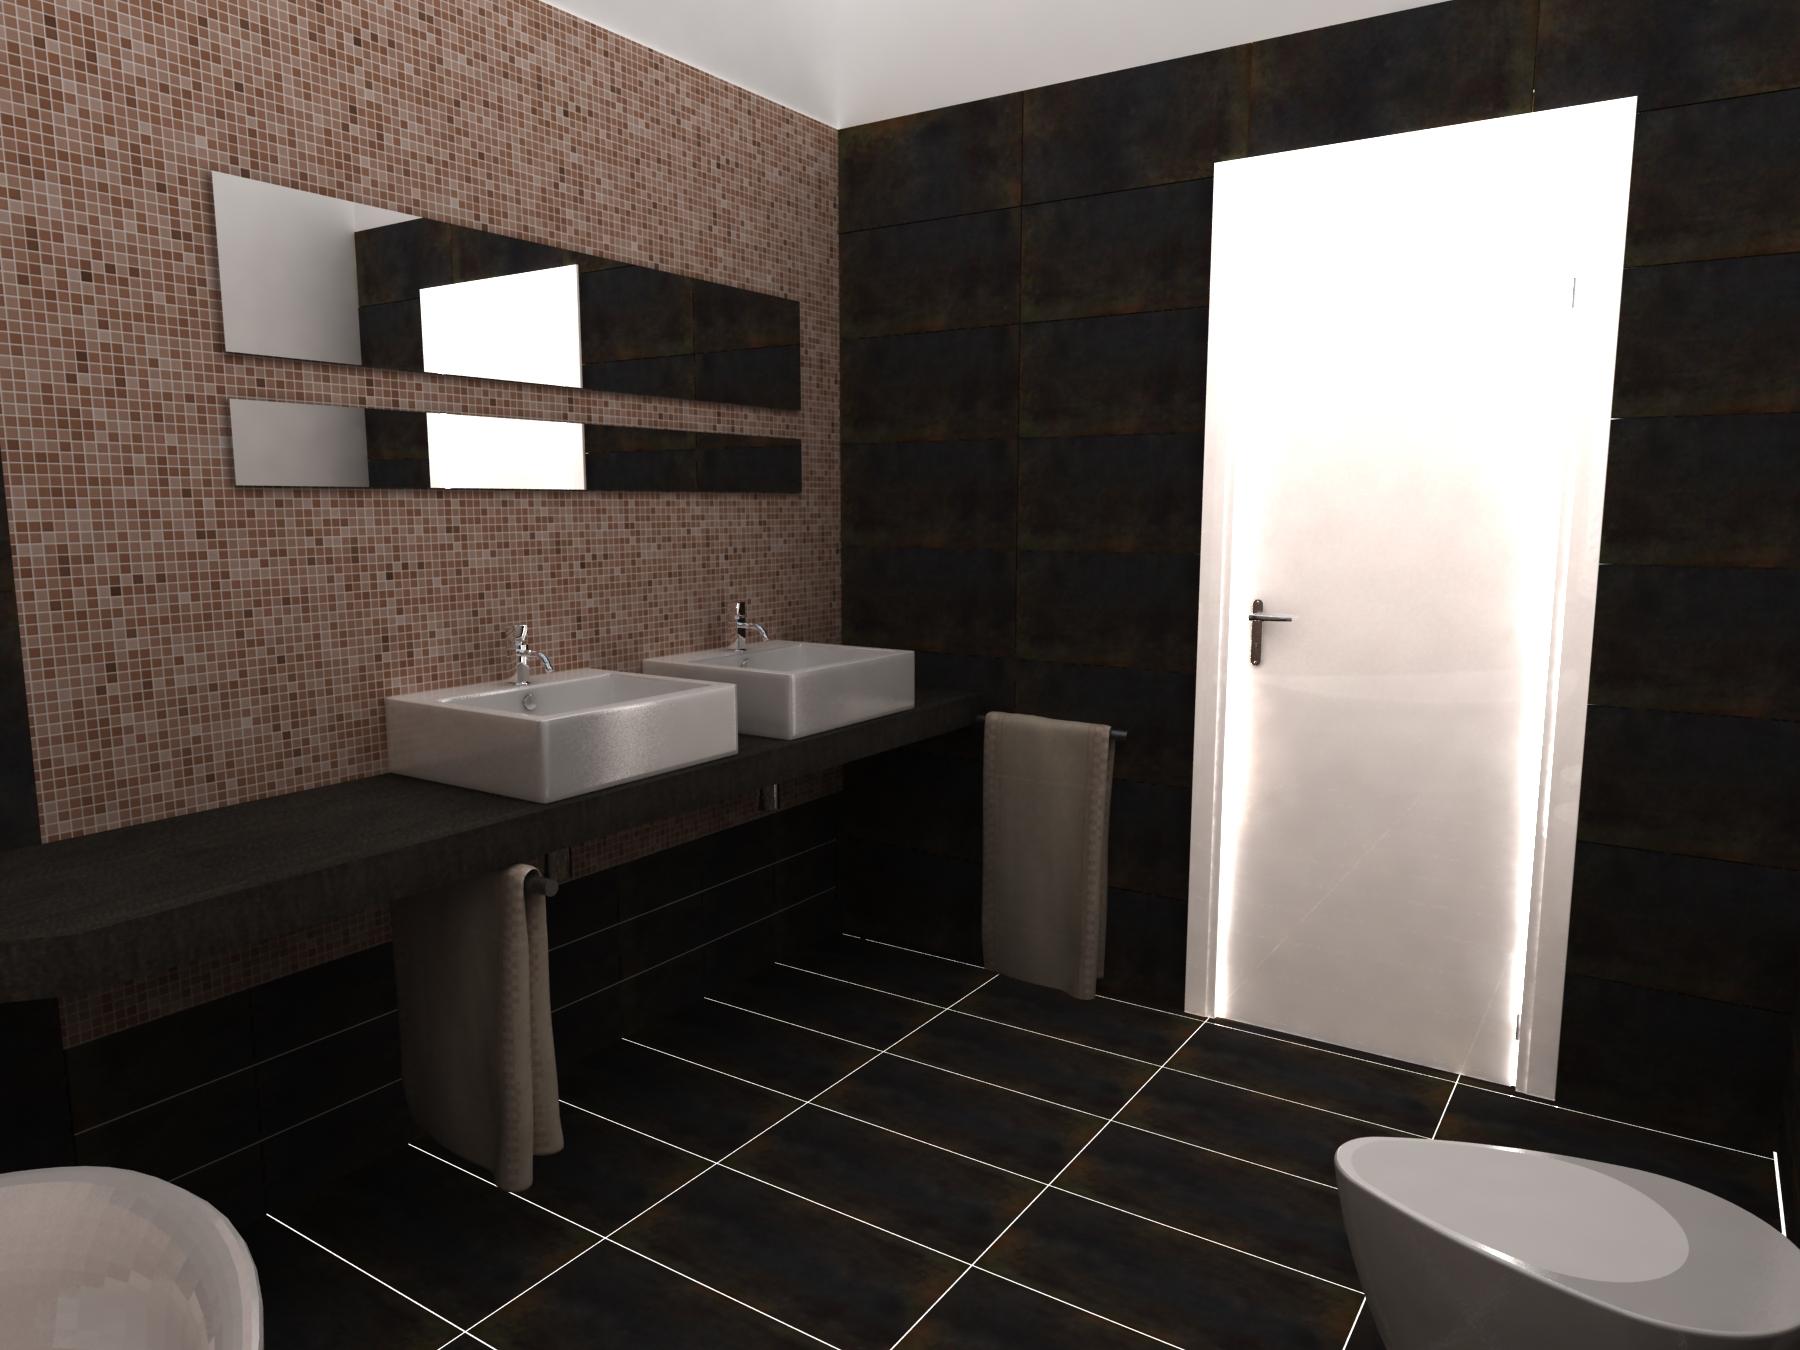 Progetto di un bagno all 39 interno di una villa in citt - Progetto accessori bagno ...